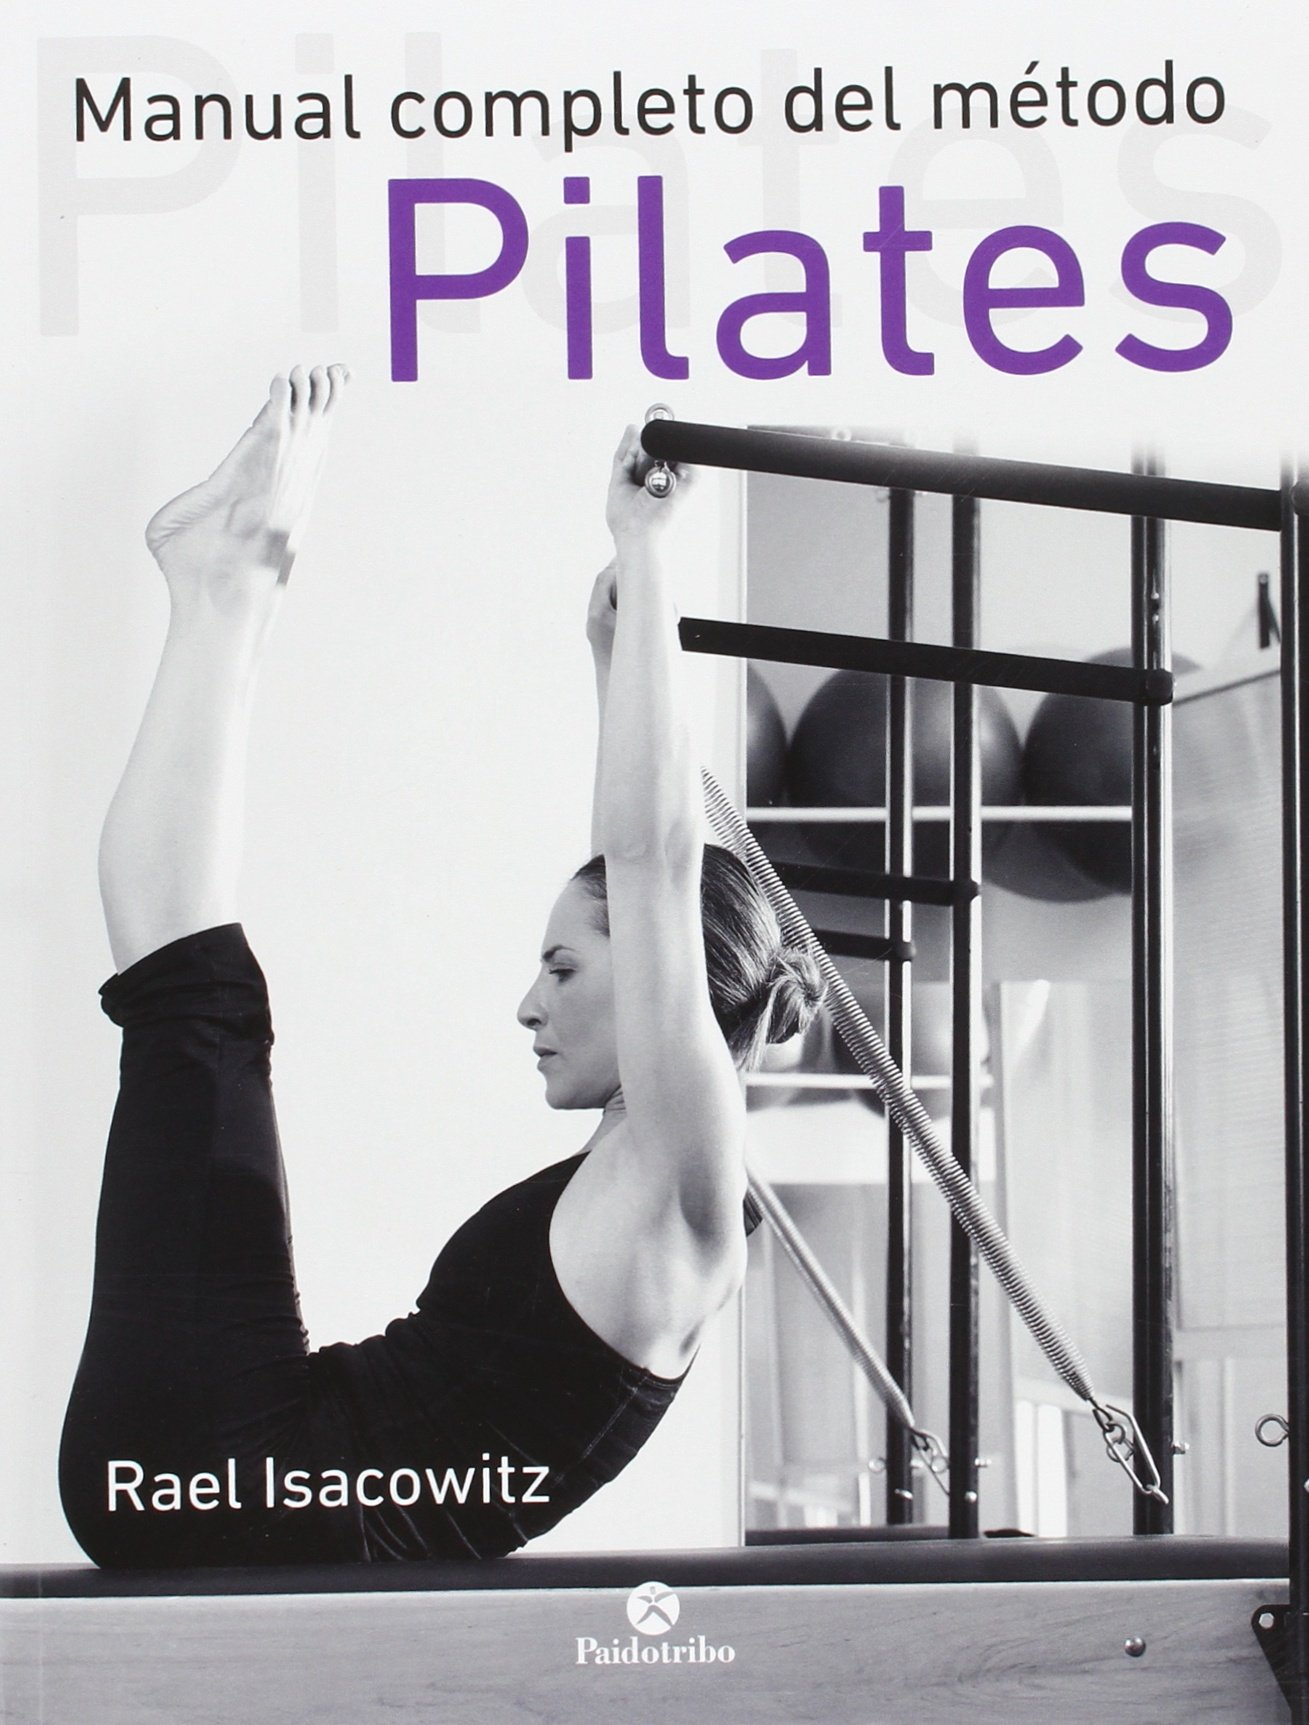 MANUAL COMPLETO DEL MÉTODO PILATES: Rael Isacowitz ...